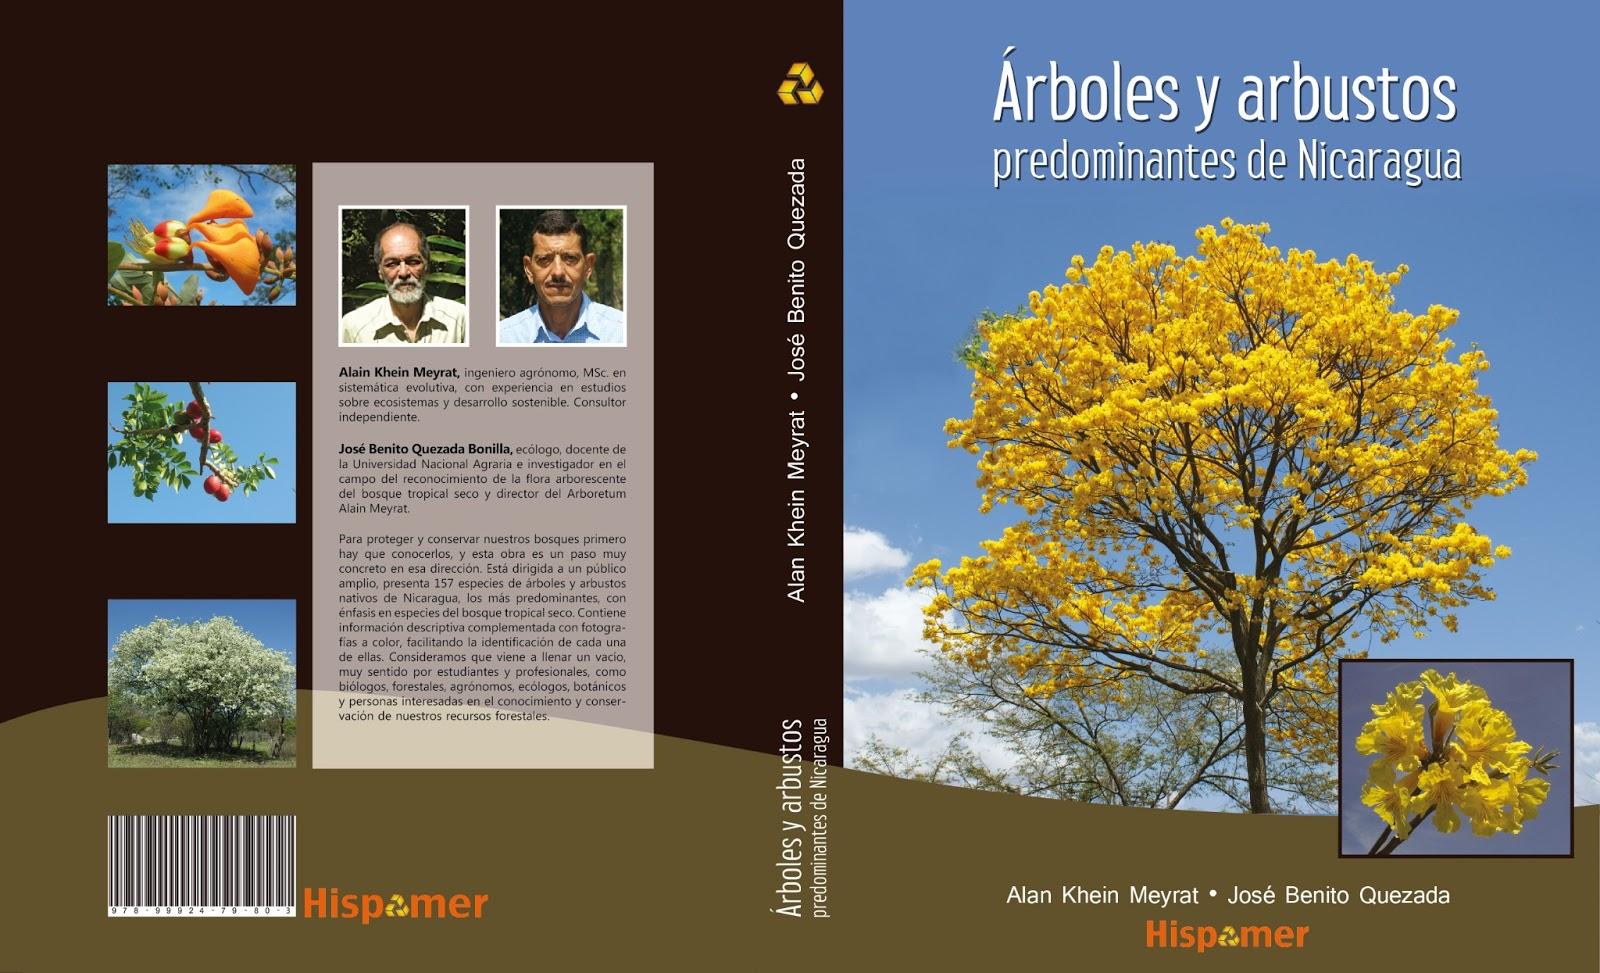 Ideas digitales libro rboles y arbustos predominantes - Arboles y arbustos ...